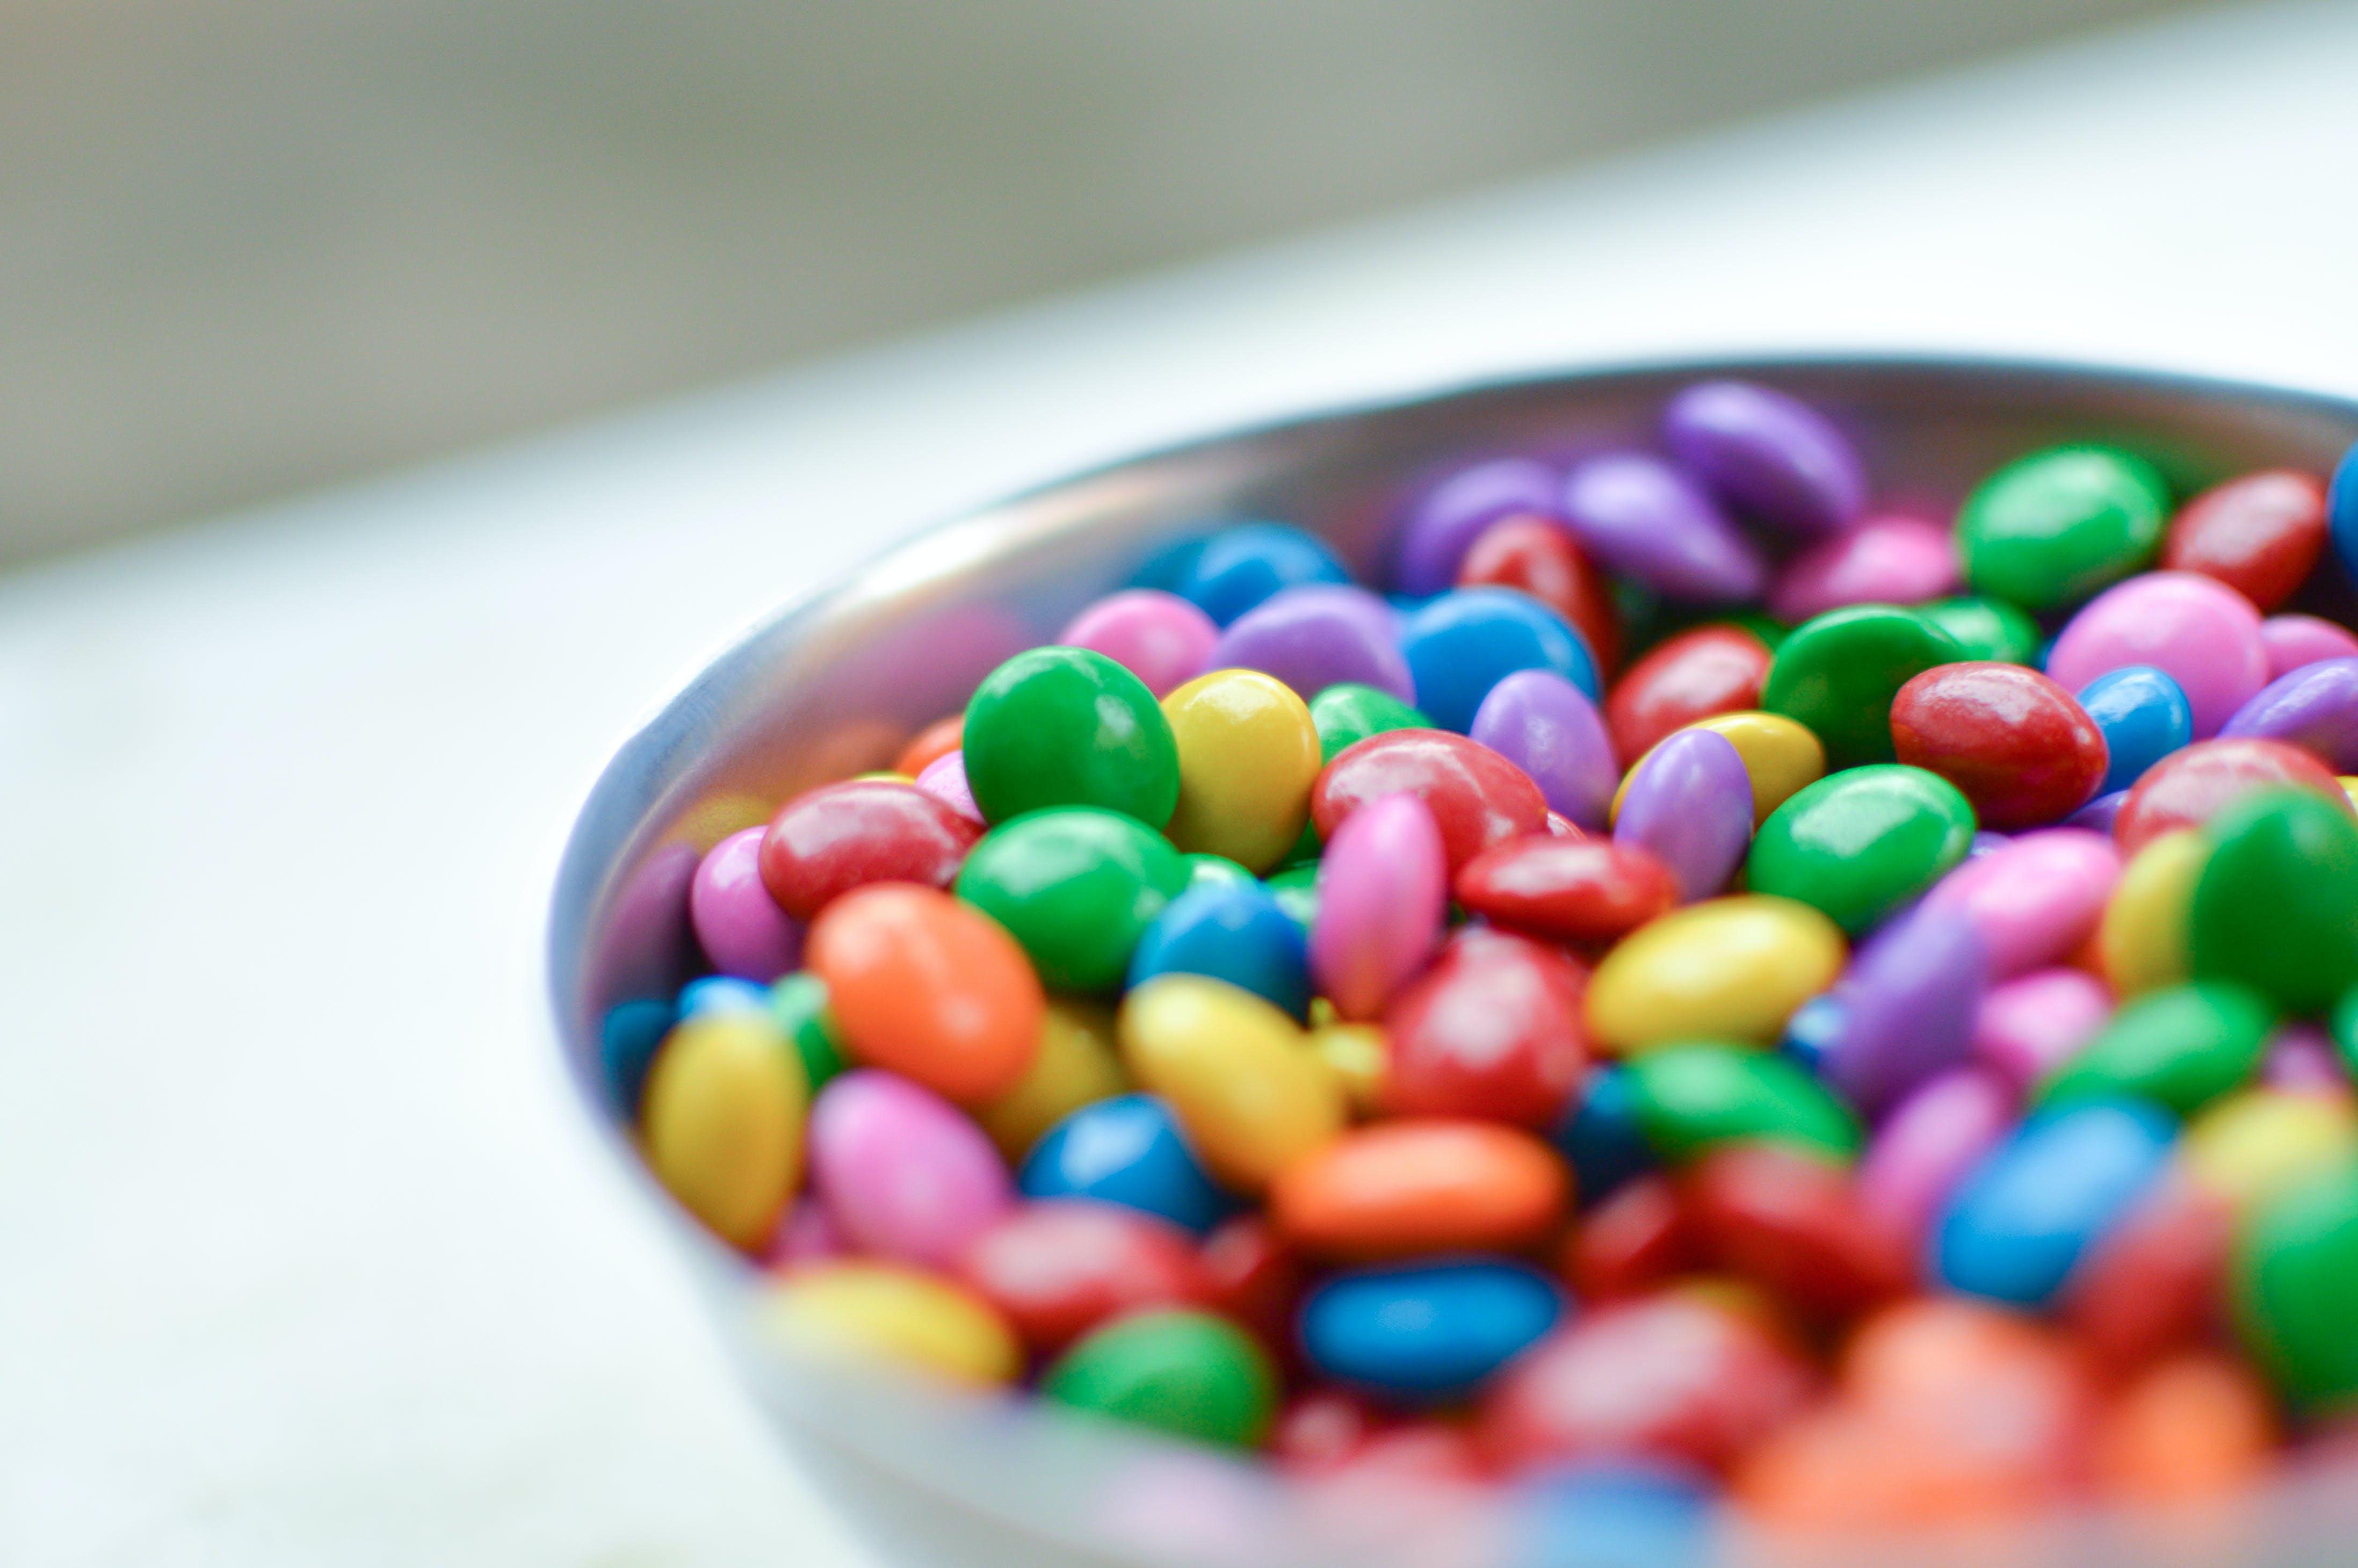 M&M's Chocolates in Bowl